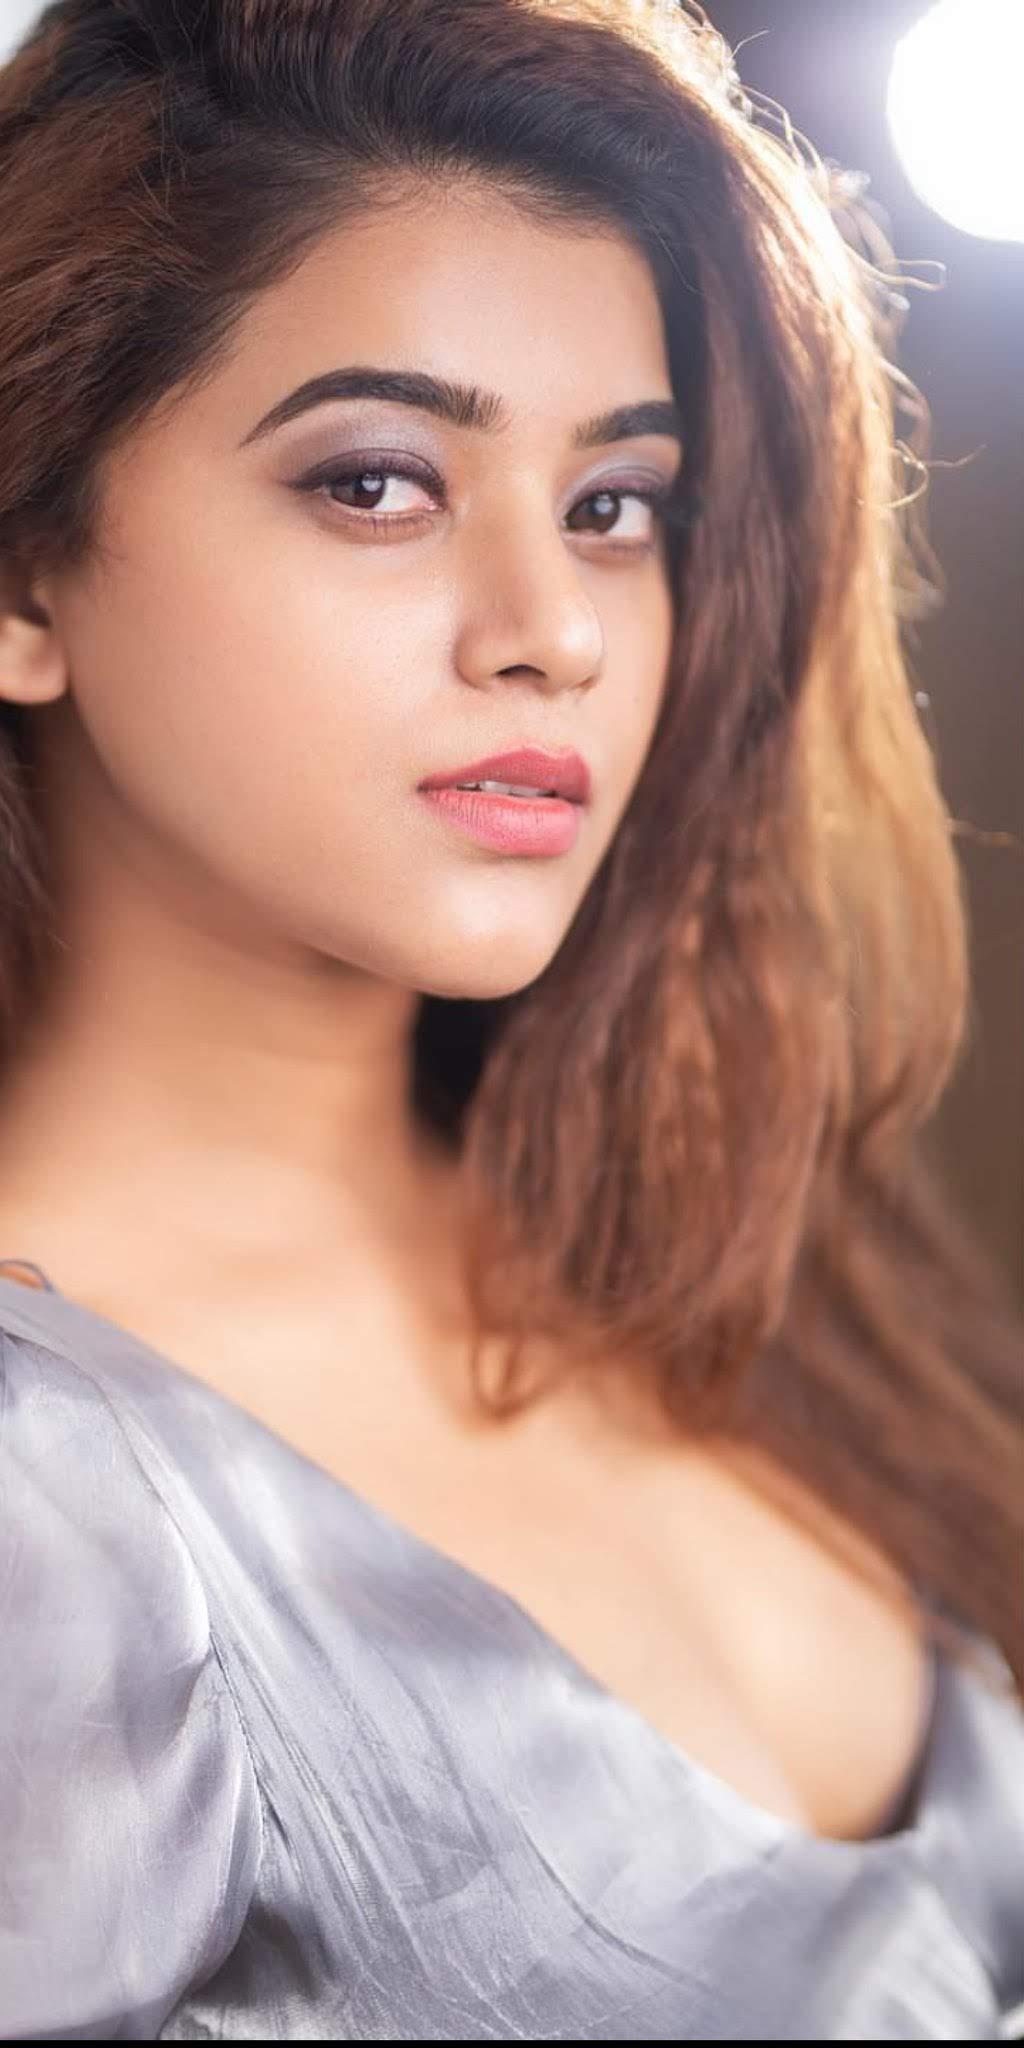 Yamini-Bhaskar-image-234600